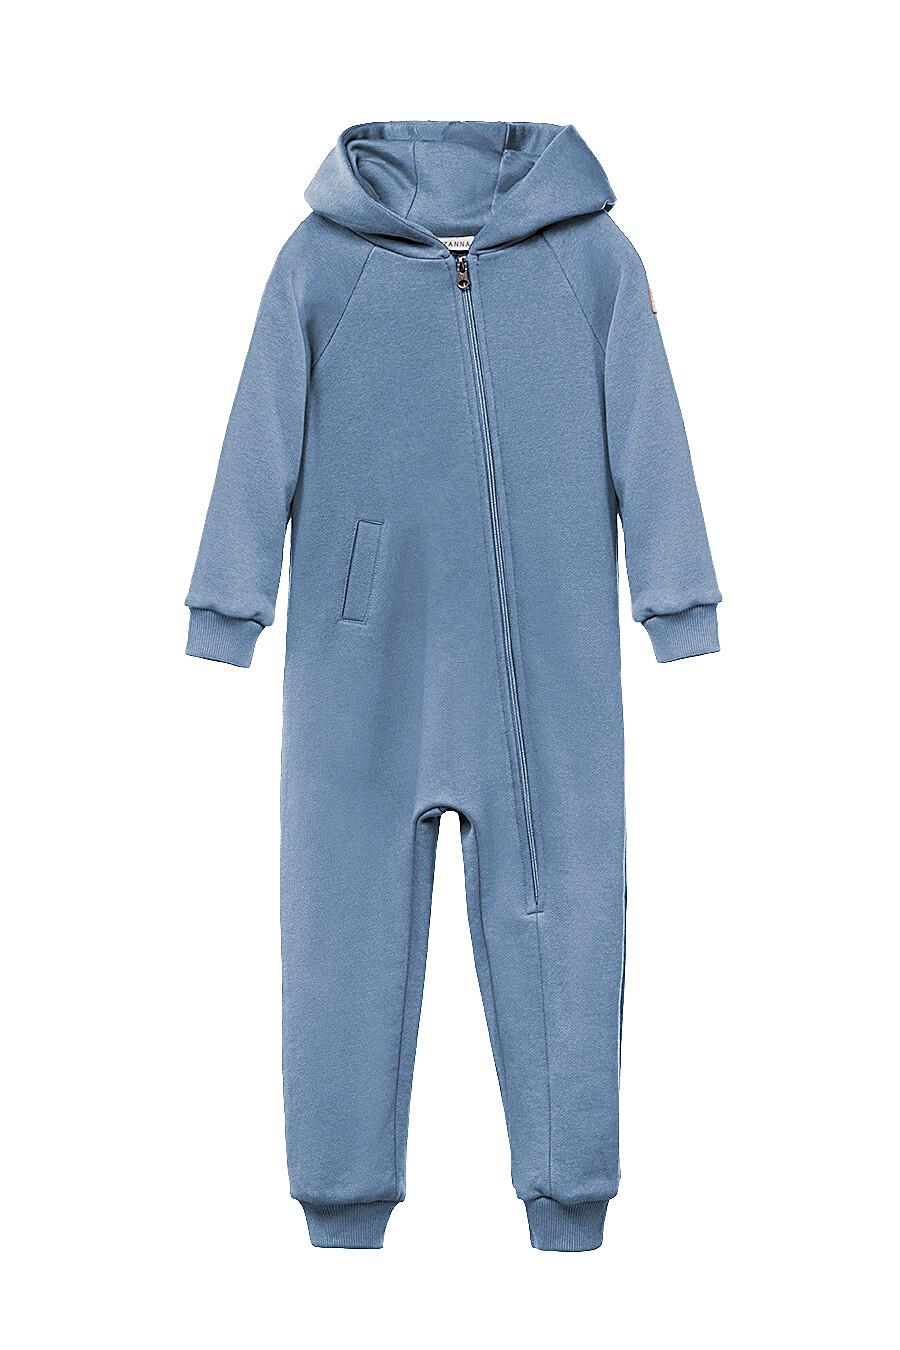 Комбинезон для девочек EZANNA 649180 купить оптом от производителя. Совместная покупка детской одежды в OptMoyo